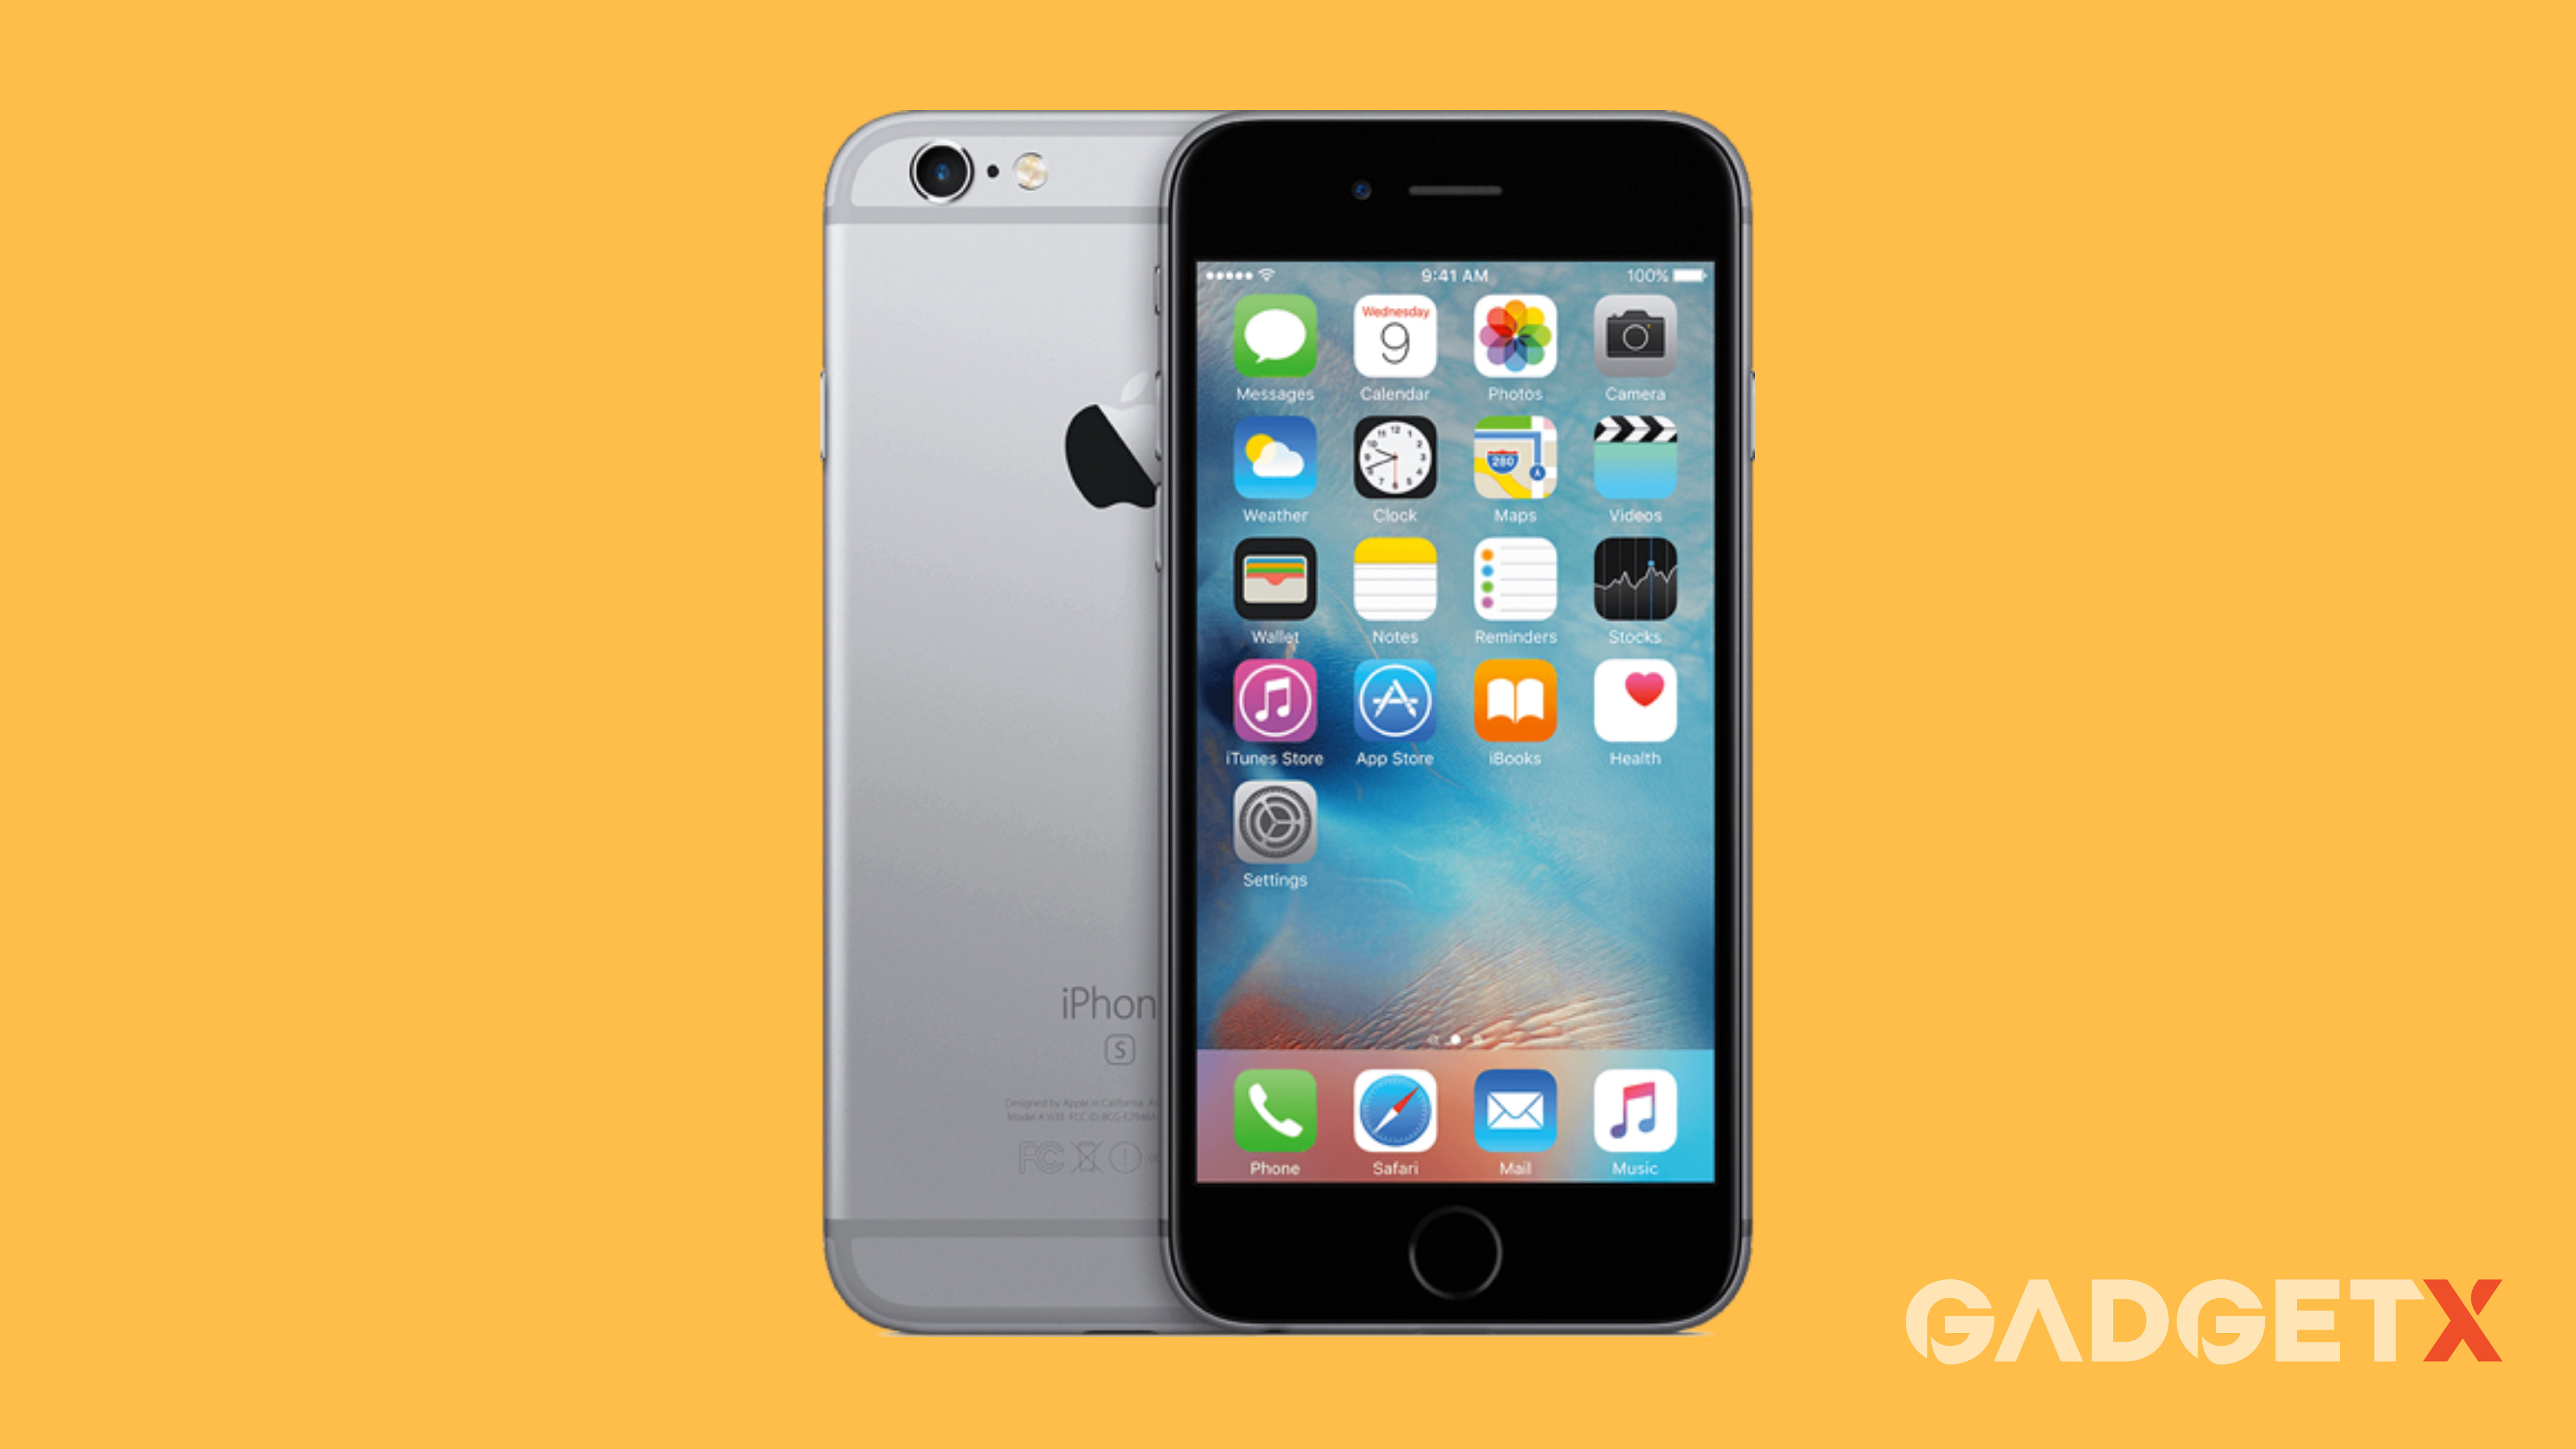 iPhone 6 Black